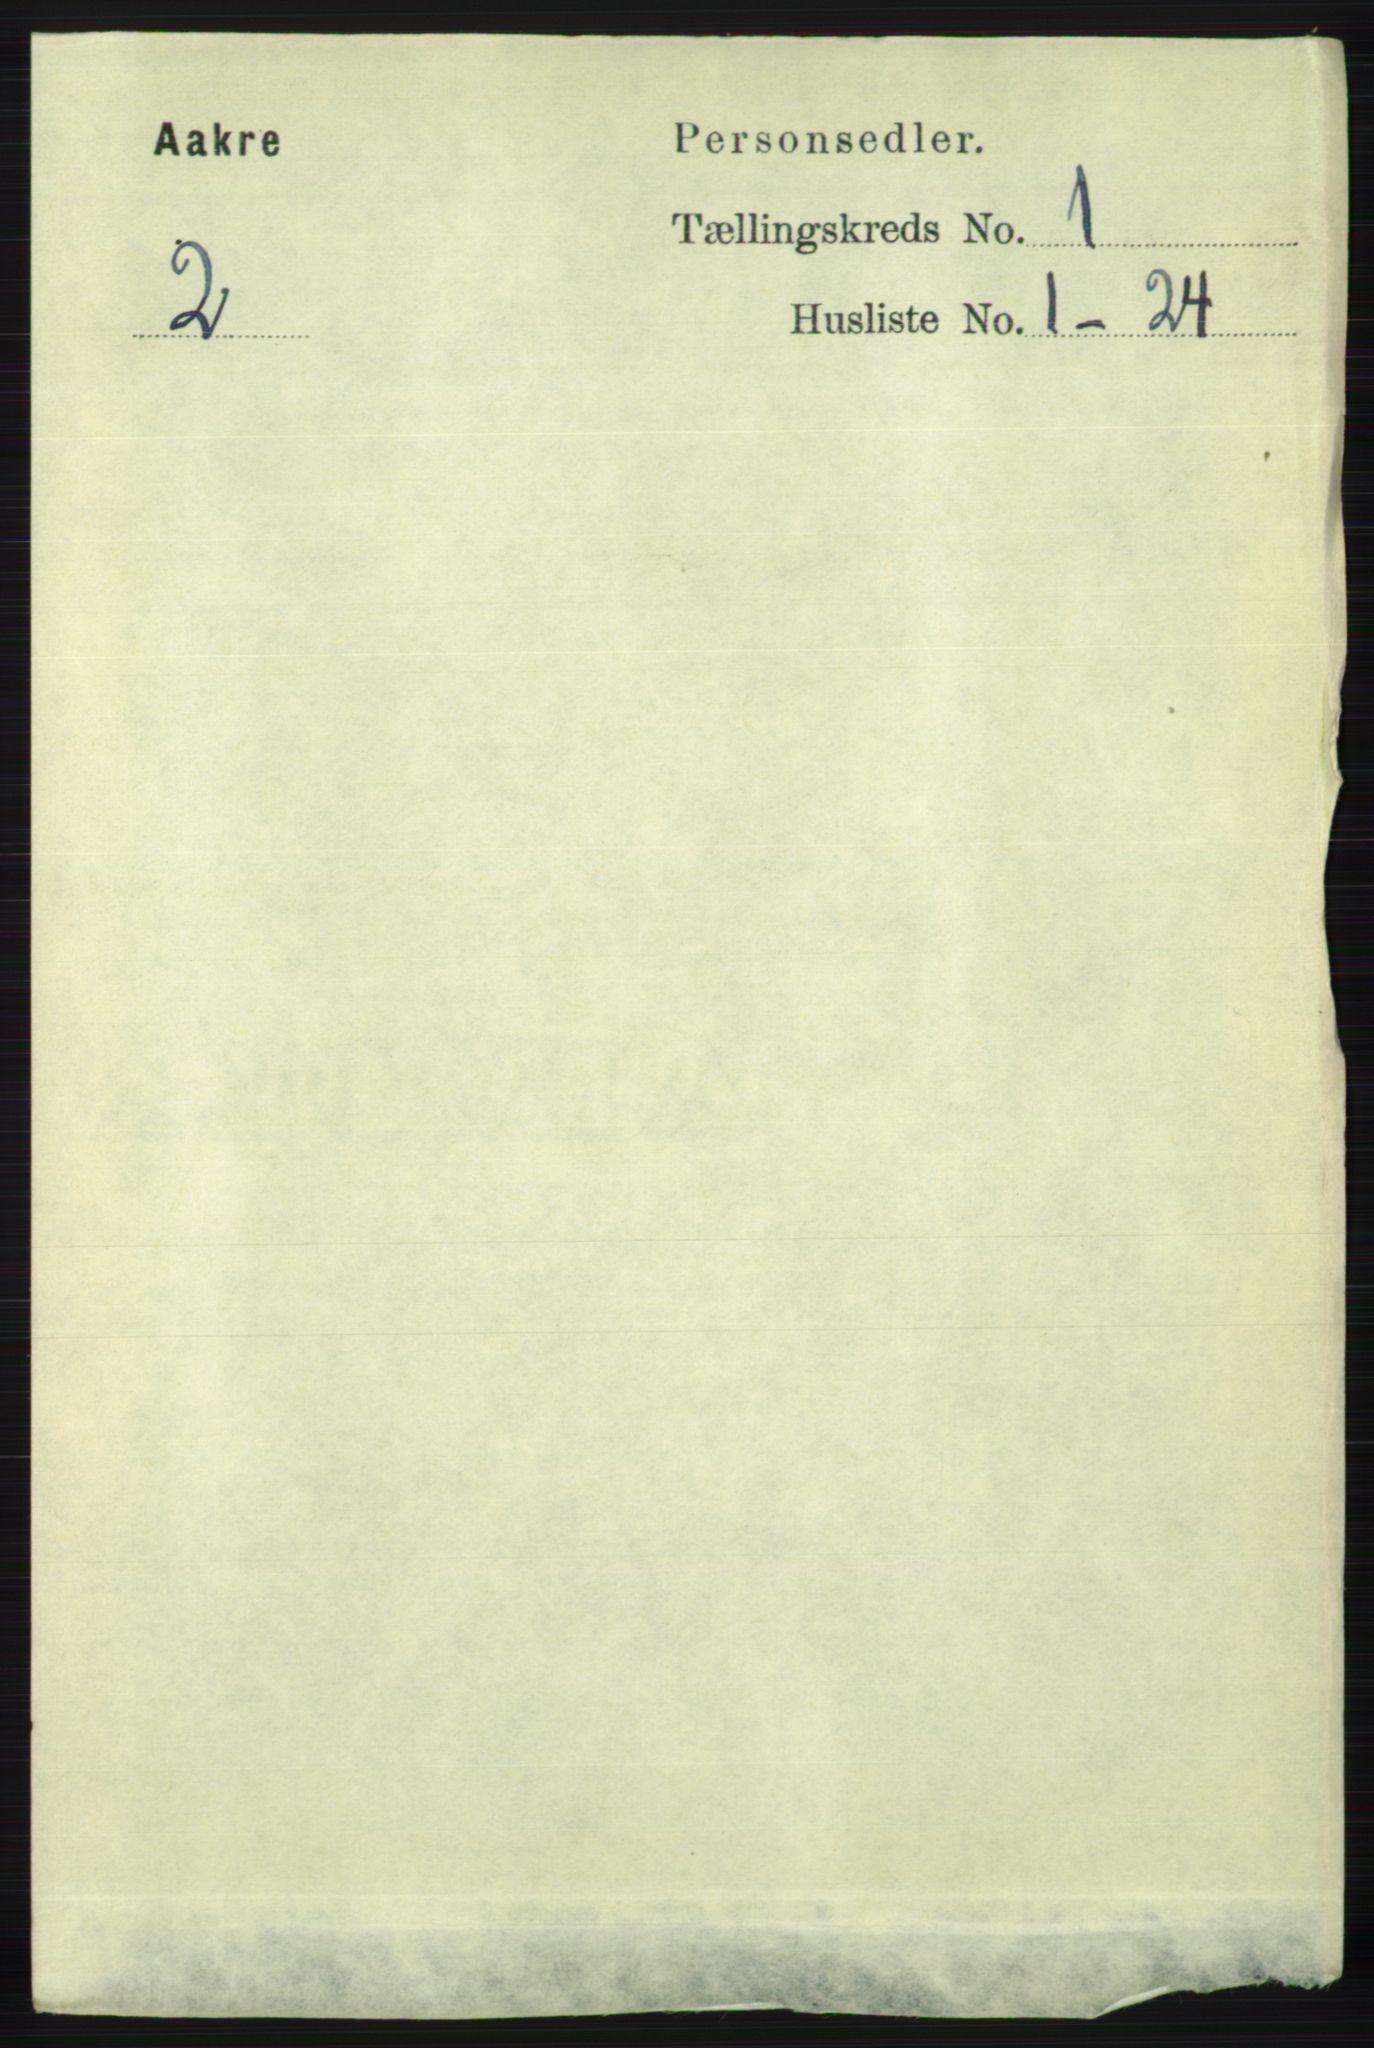 RA, Folketelling 1891 for 1150 Skudenes herred, 1891, s. 3391